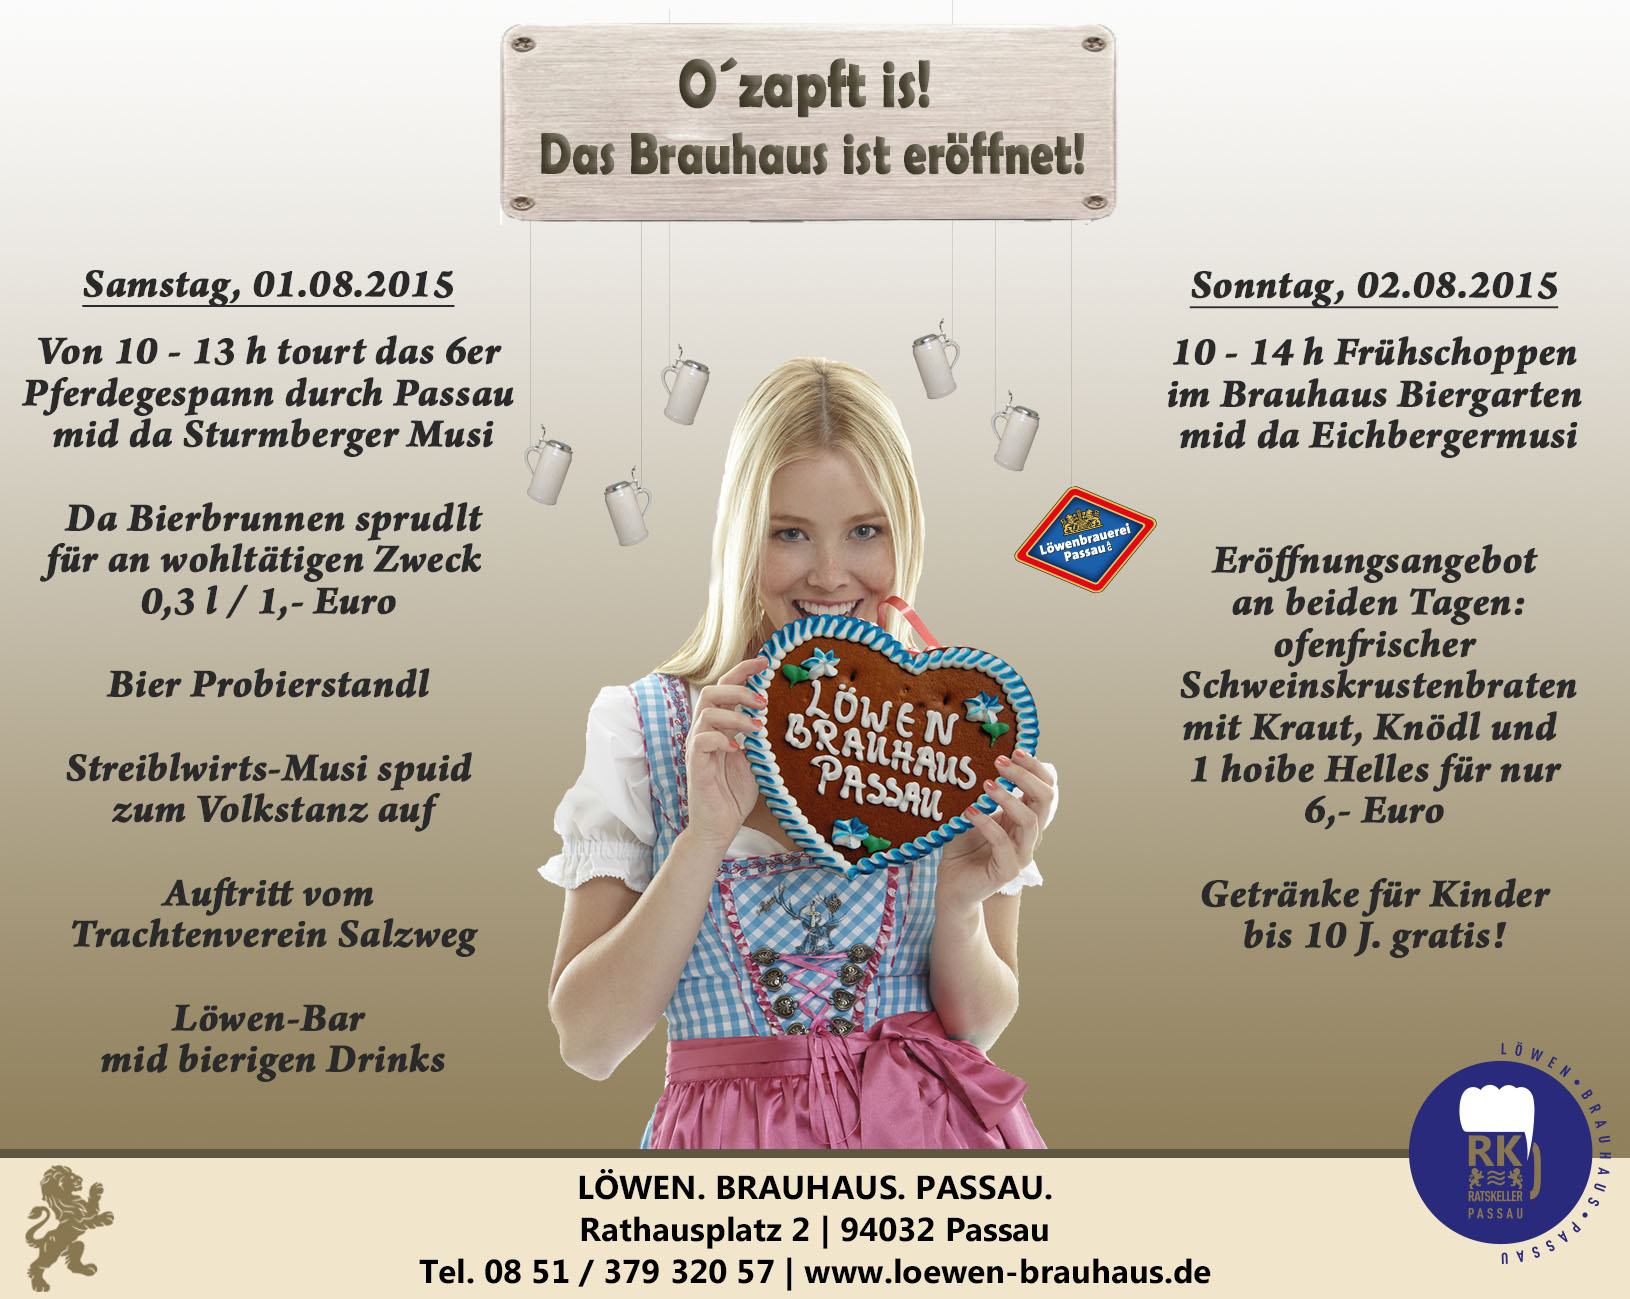 Offizielle Brauhaus-Eröffnung